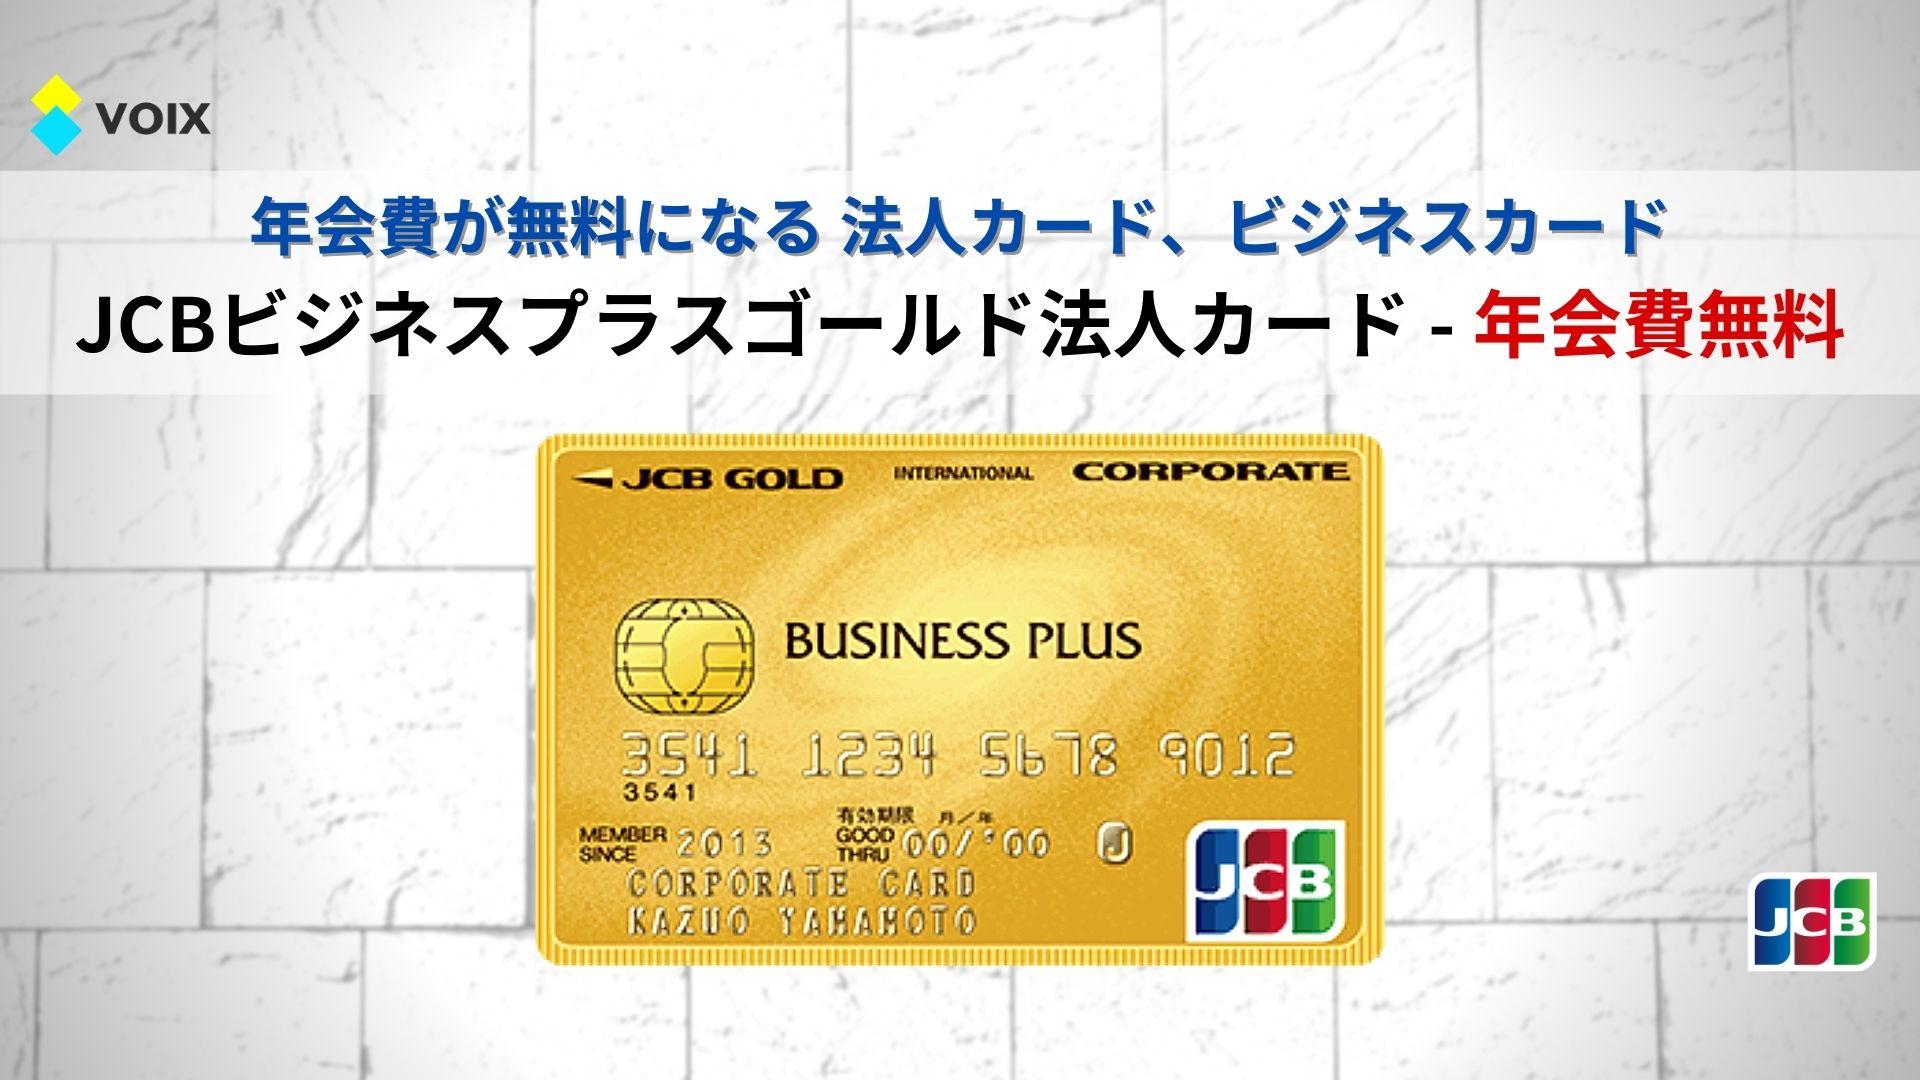 JCBビジネスプラス法人ゴールドカード – メリット、年会費、限度額、審査、ETC、特典、締め日 など詳しく解説